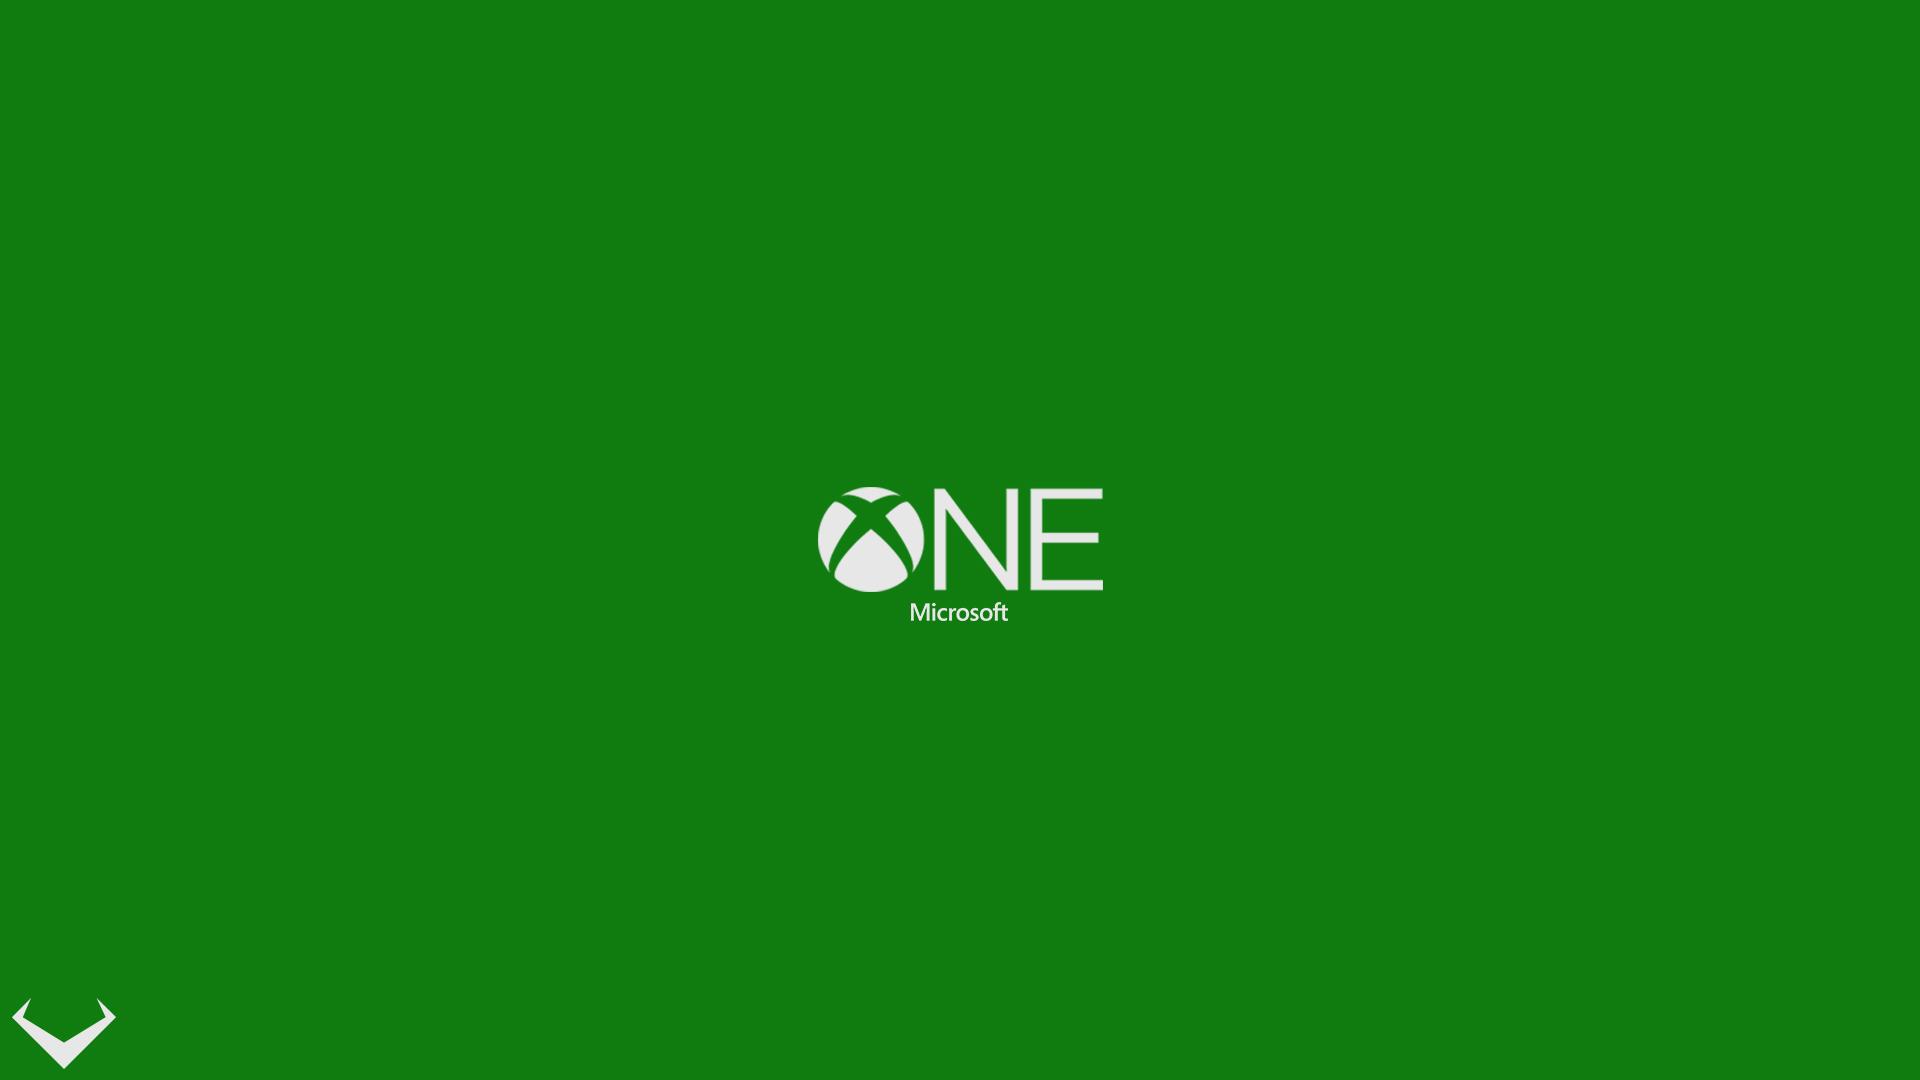 Xbox One Trippy Background